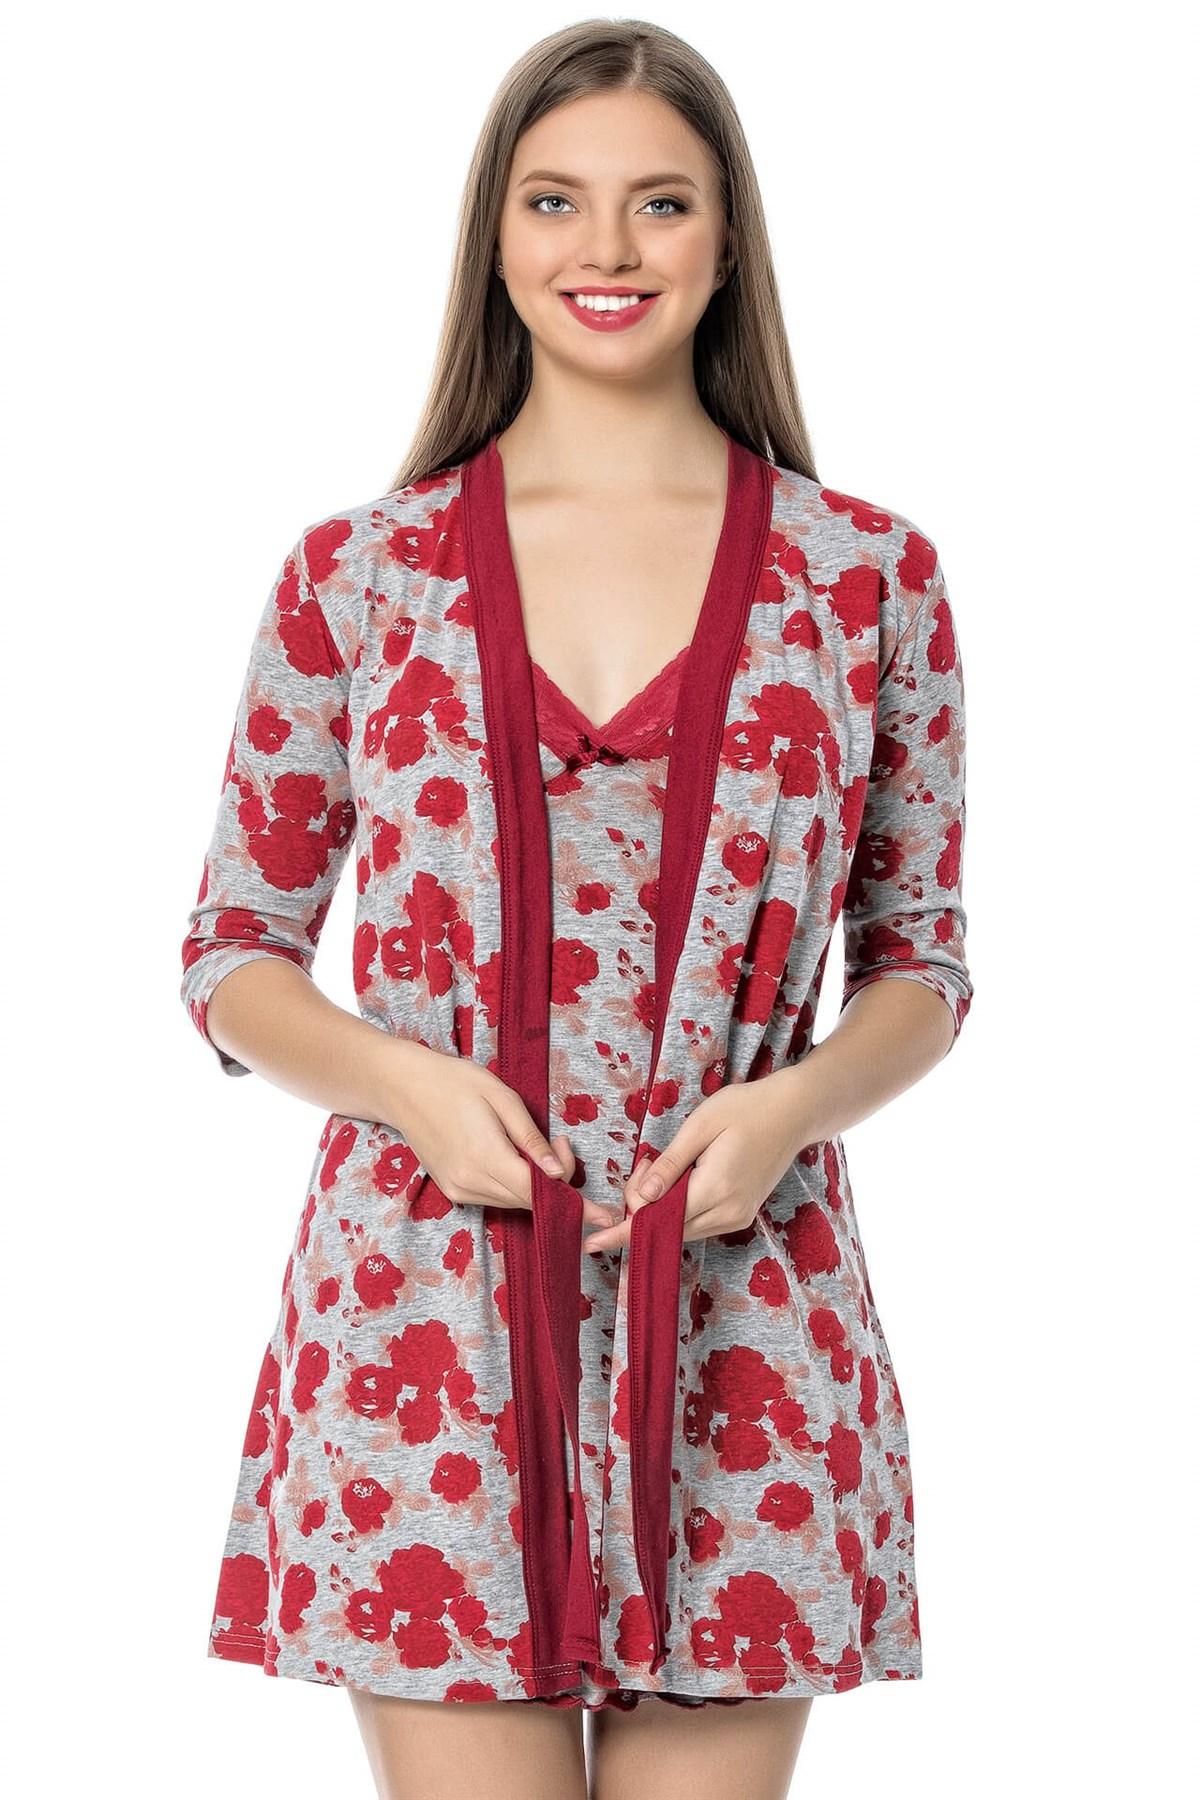 Moda Çizgi Bayan Kırmızı Gül Desenli Gecelik Sabahlık Takım 1103